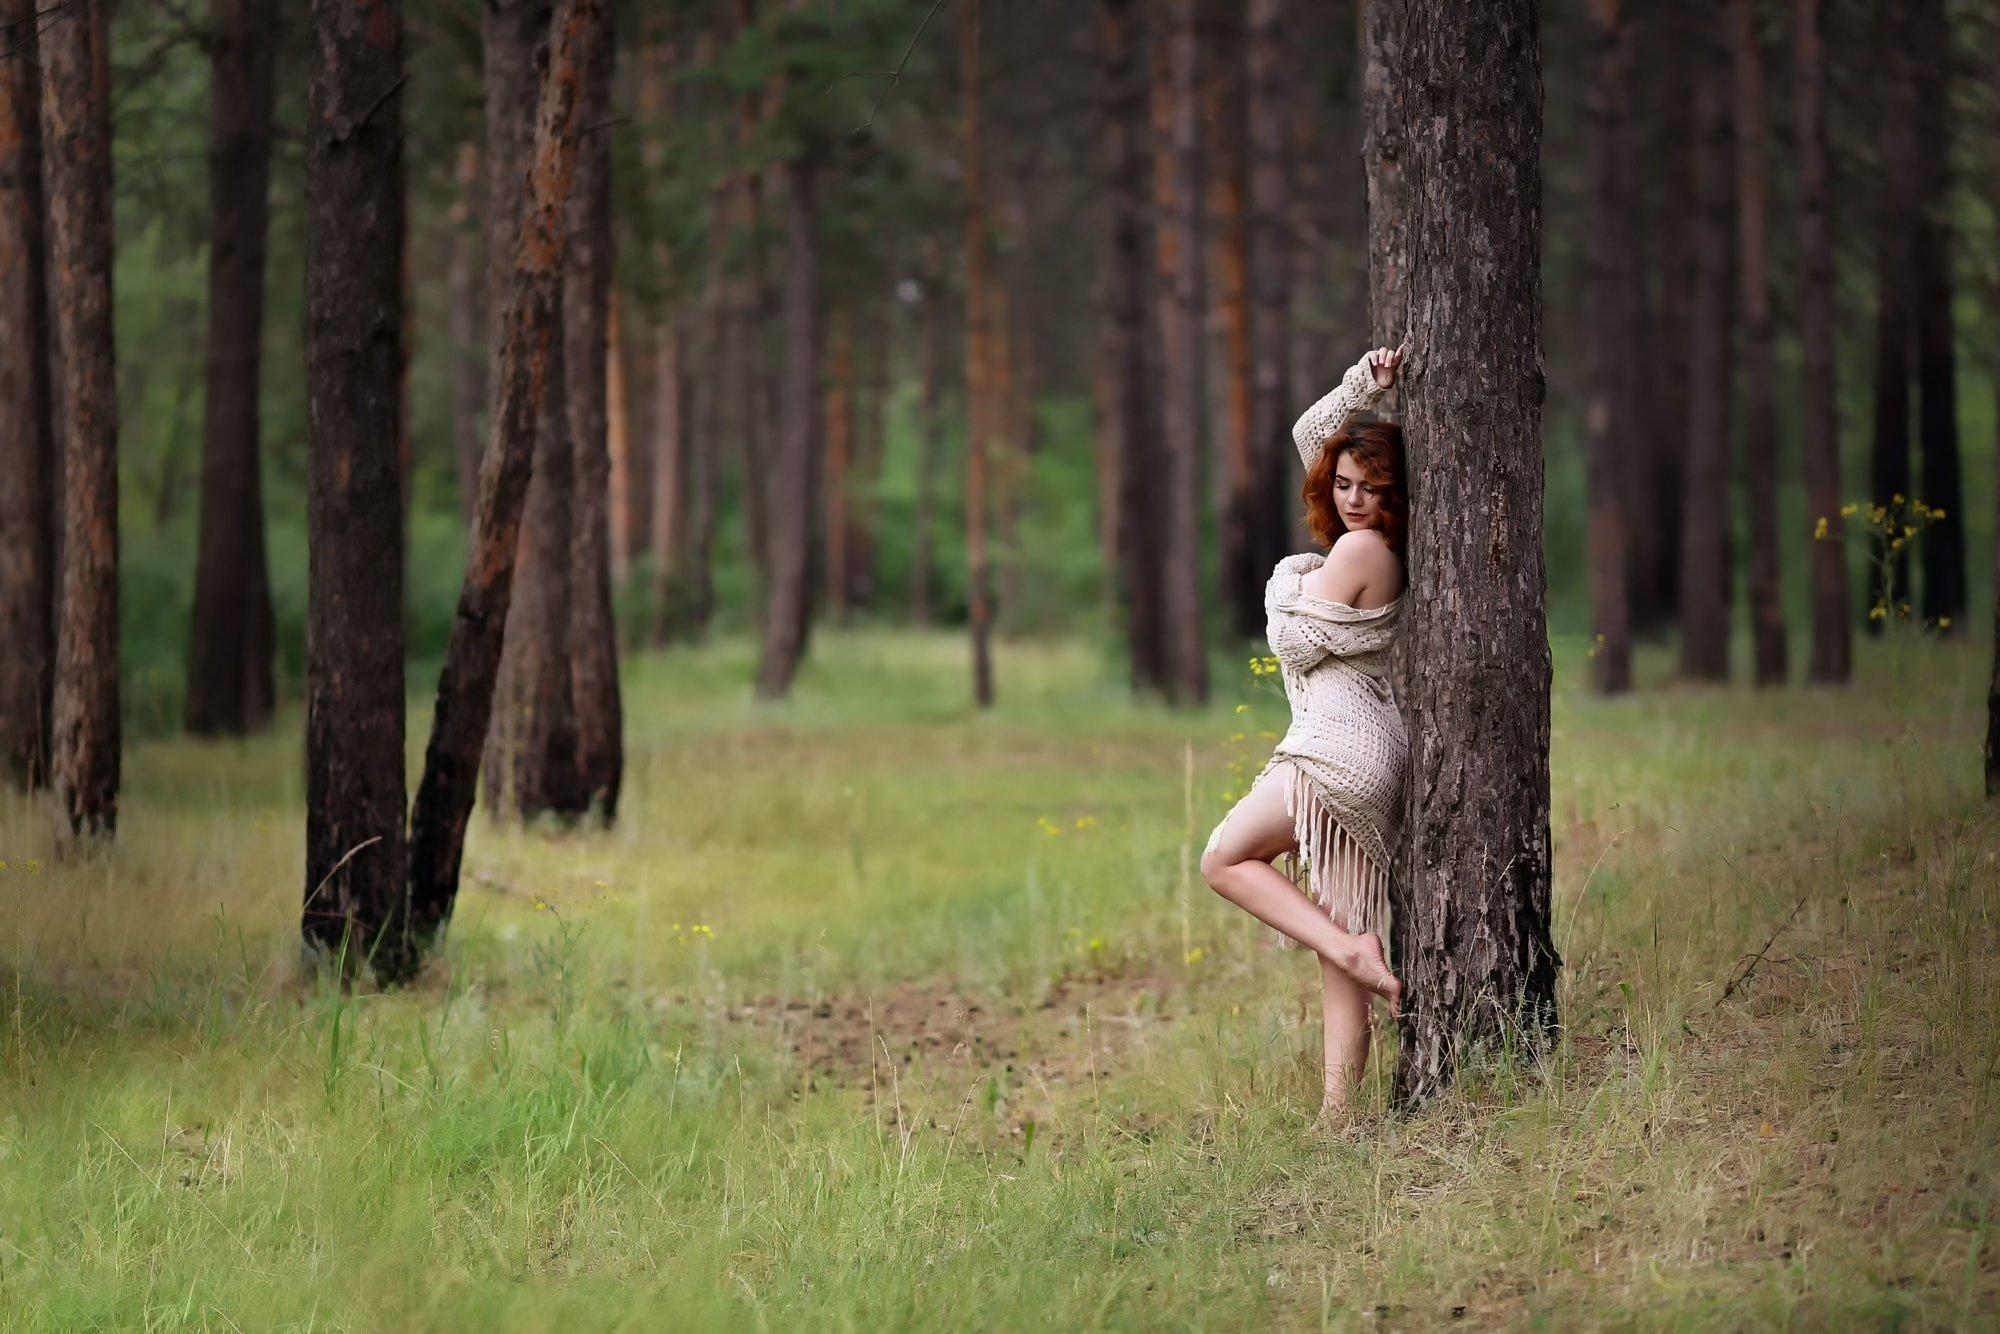 Какие позы для фотосессии весной в лесу